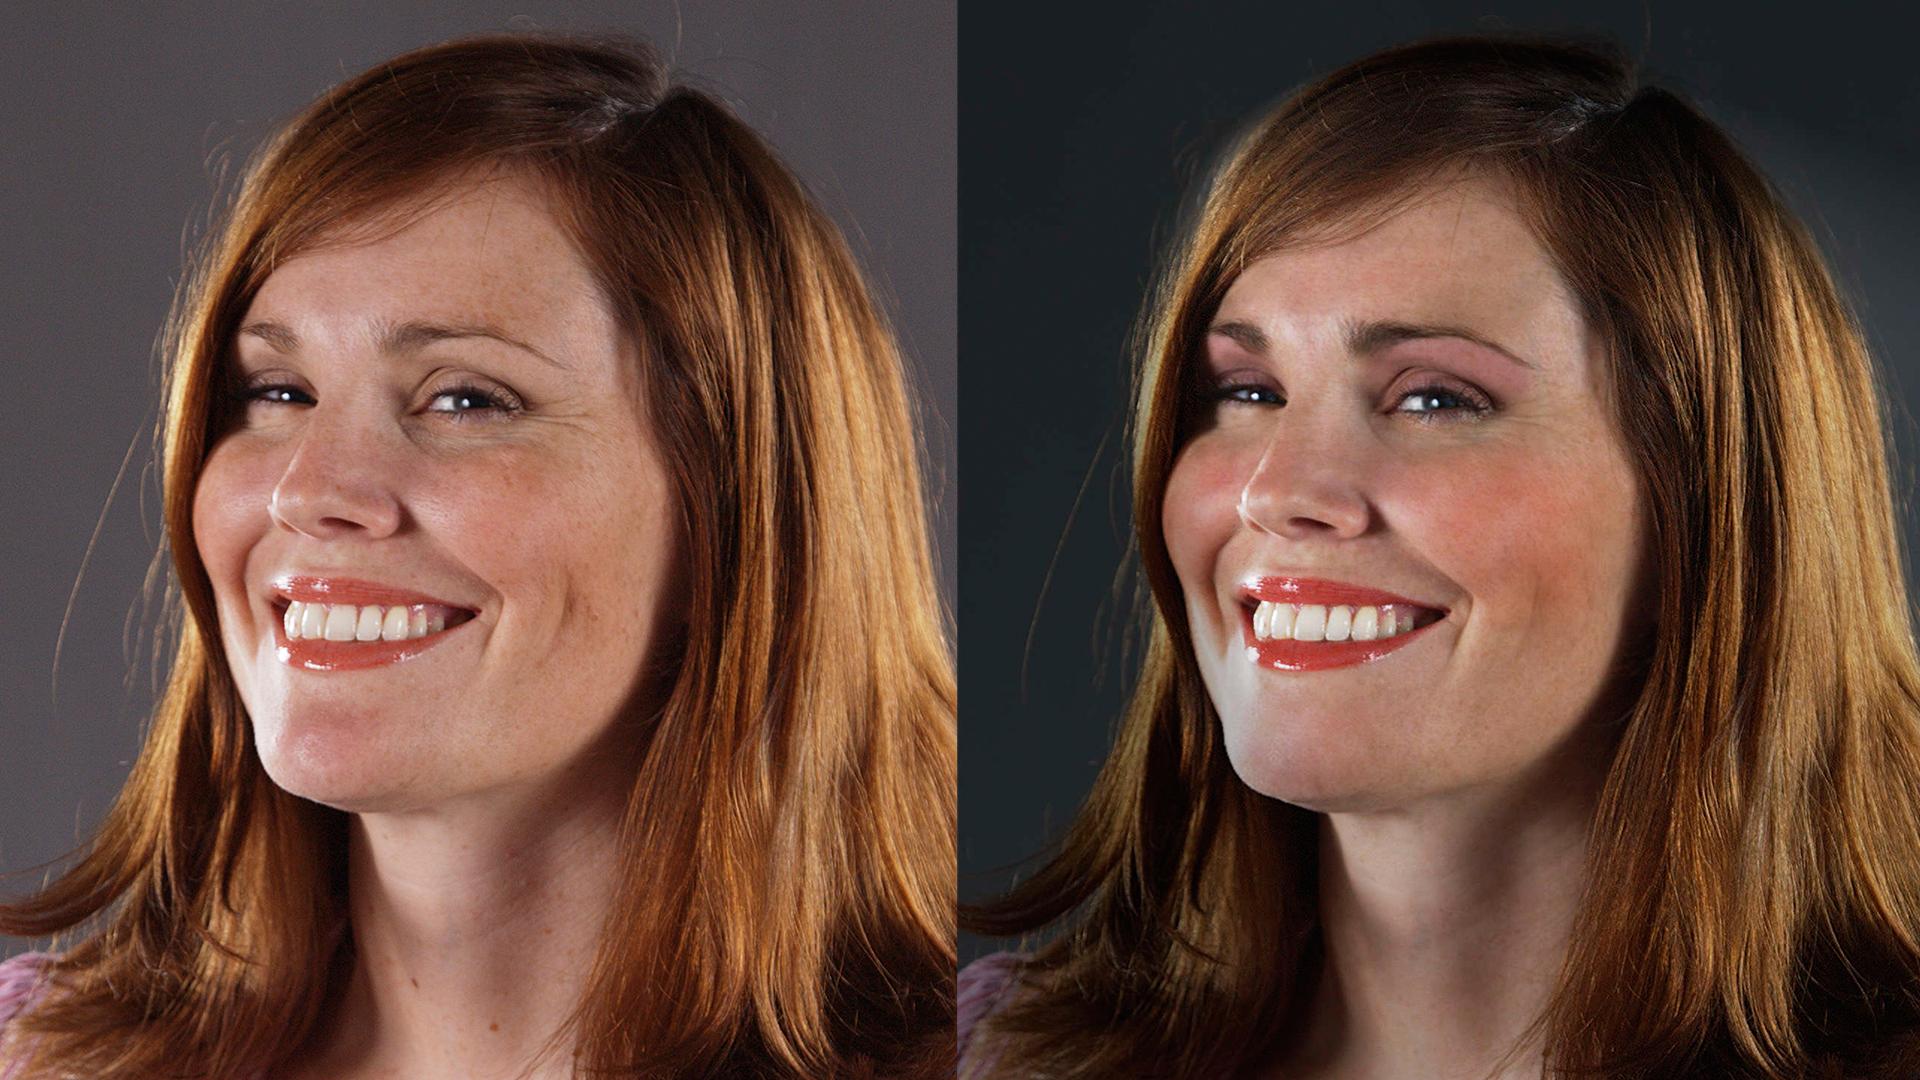 Introduction: Affinity Photo: Basic Portrait Retouching